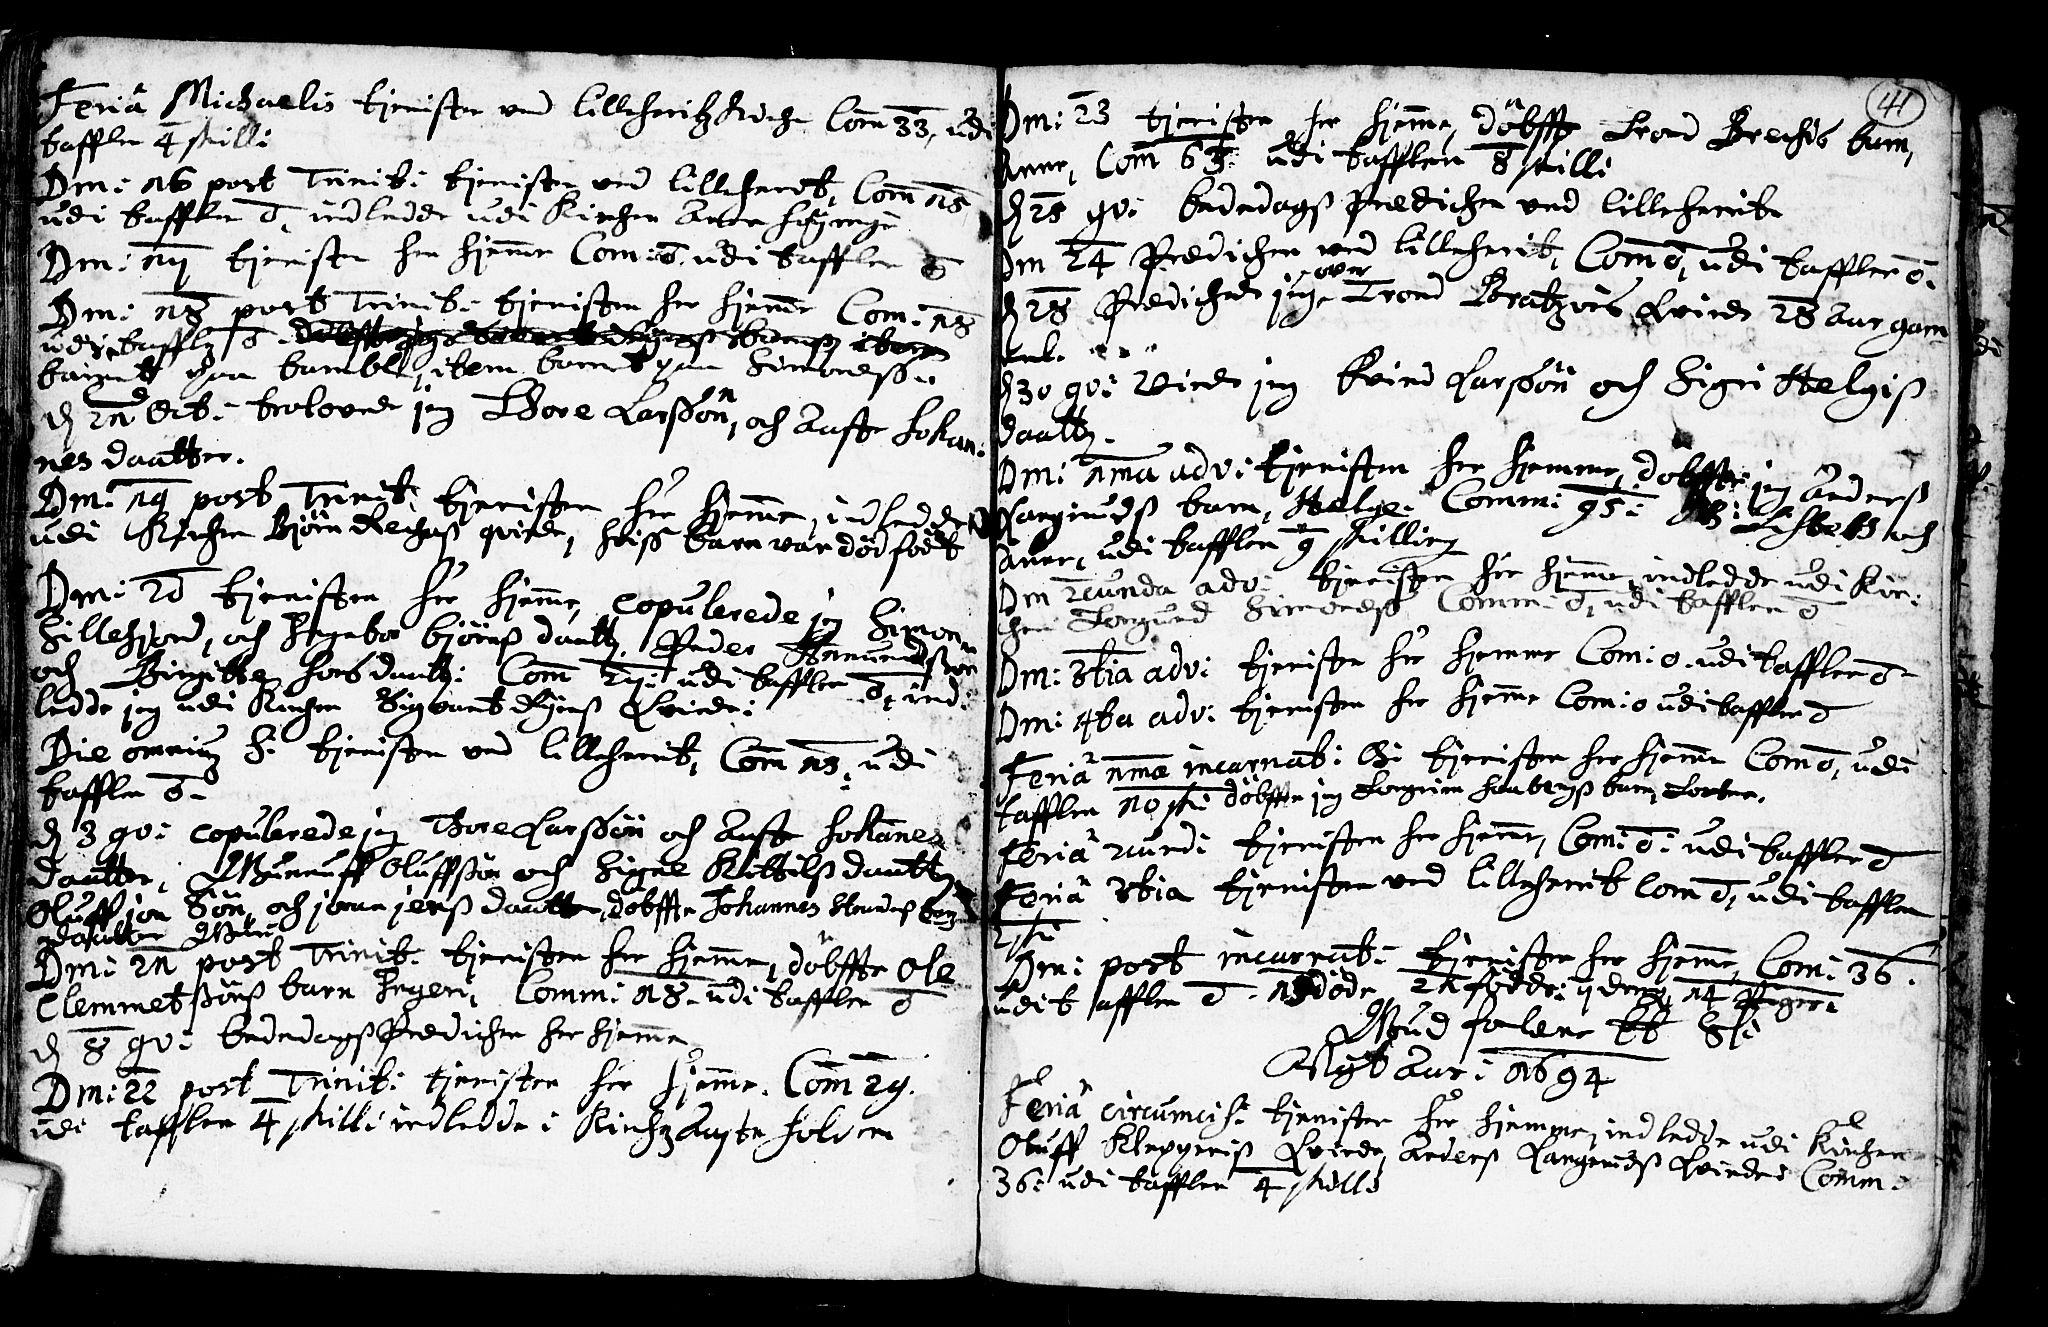 SAKO, Heddal kirkebøker, F/Fa/L0001: Ministerialbok nr. I 1, 1648-1699, s. 41